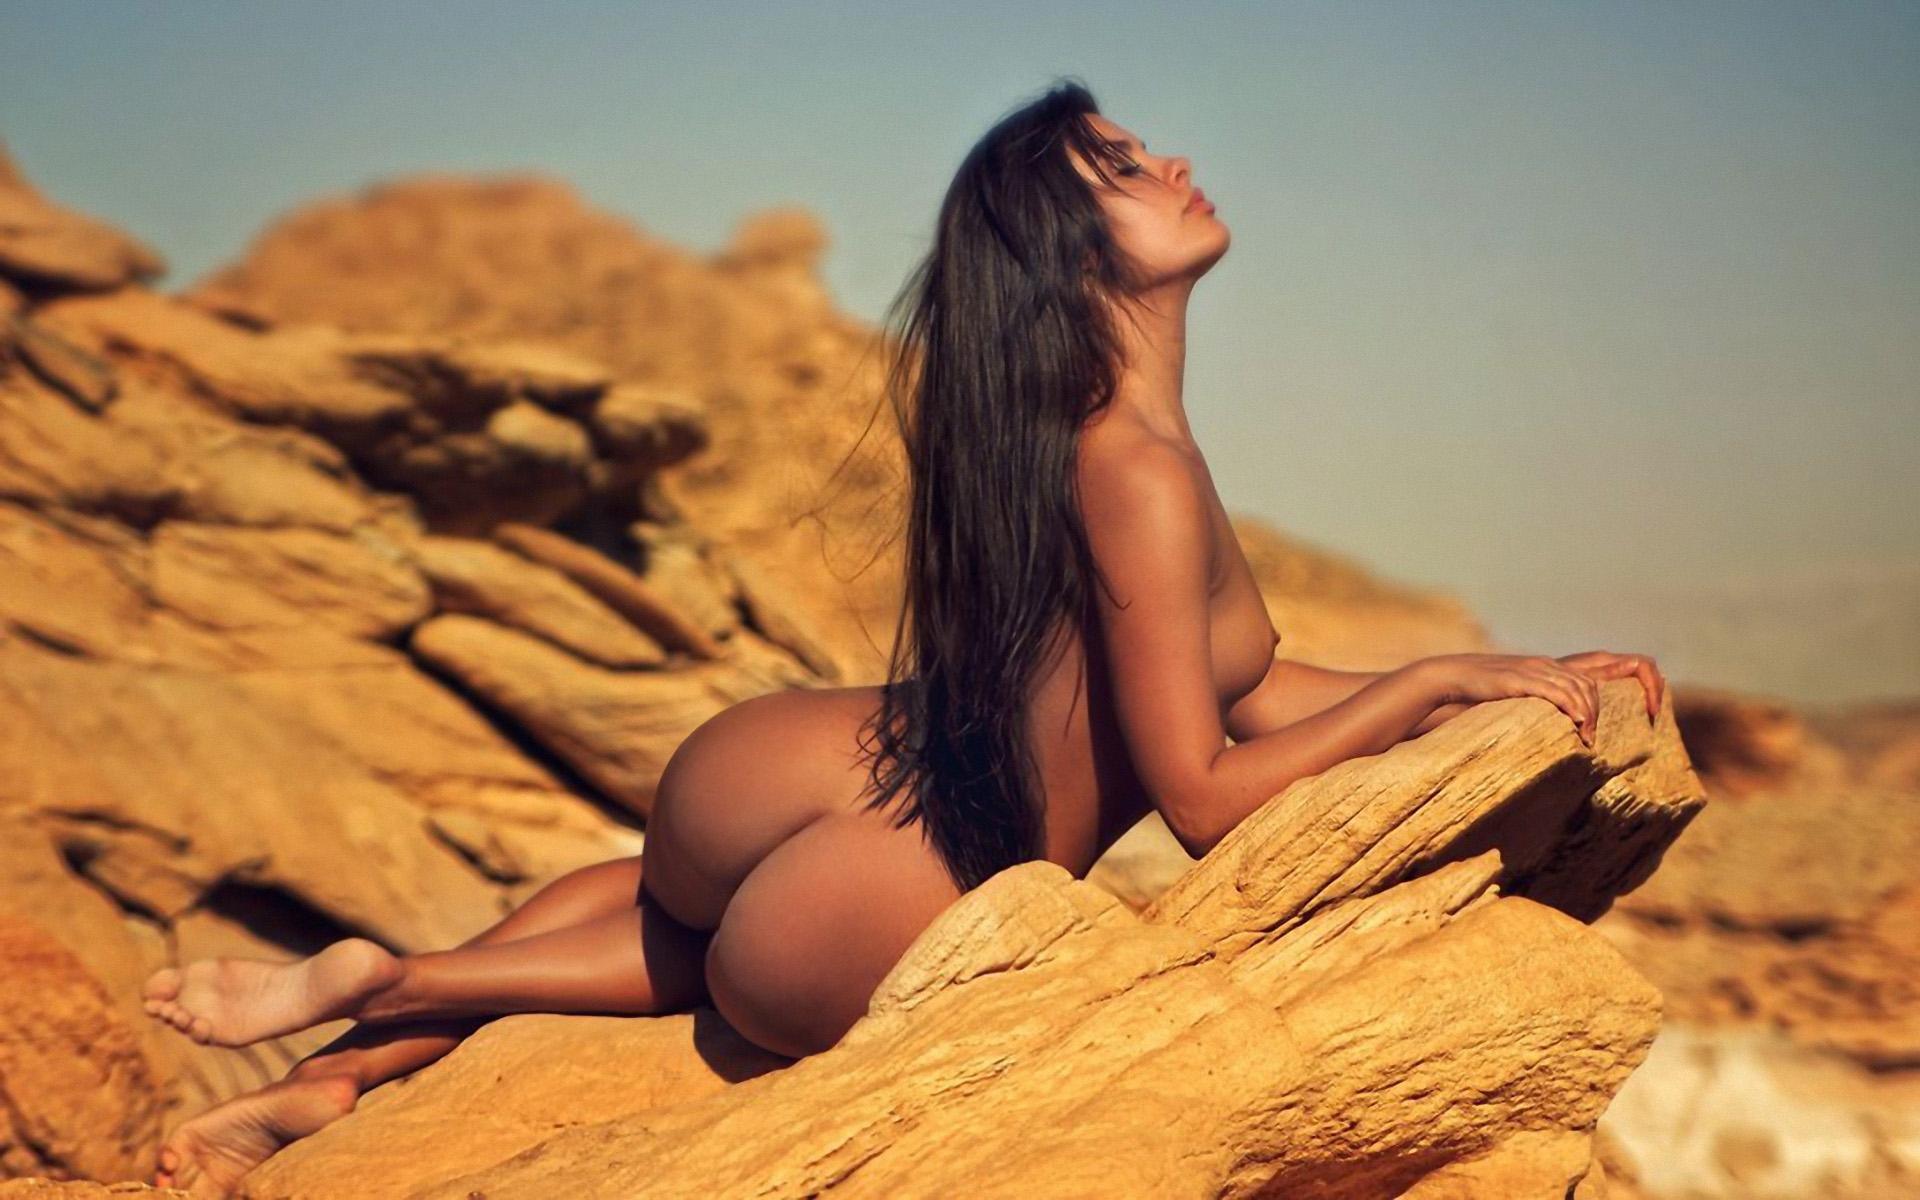 Фото и клипы голых женщин 20 фотография